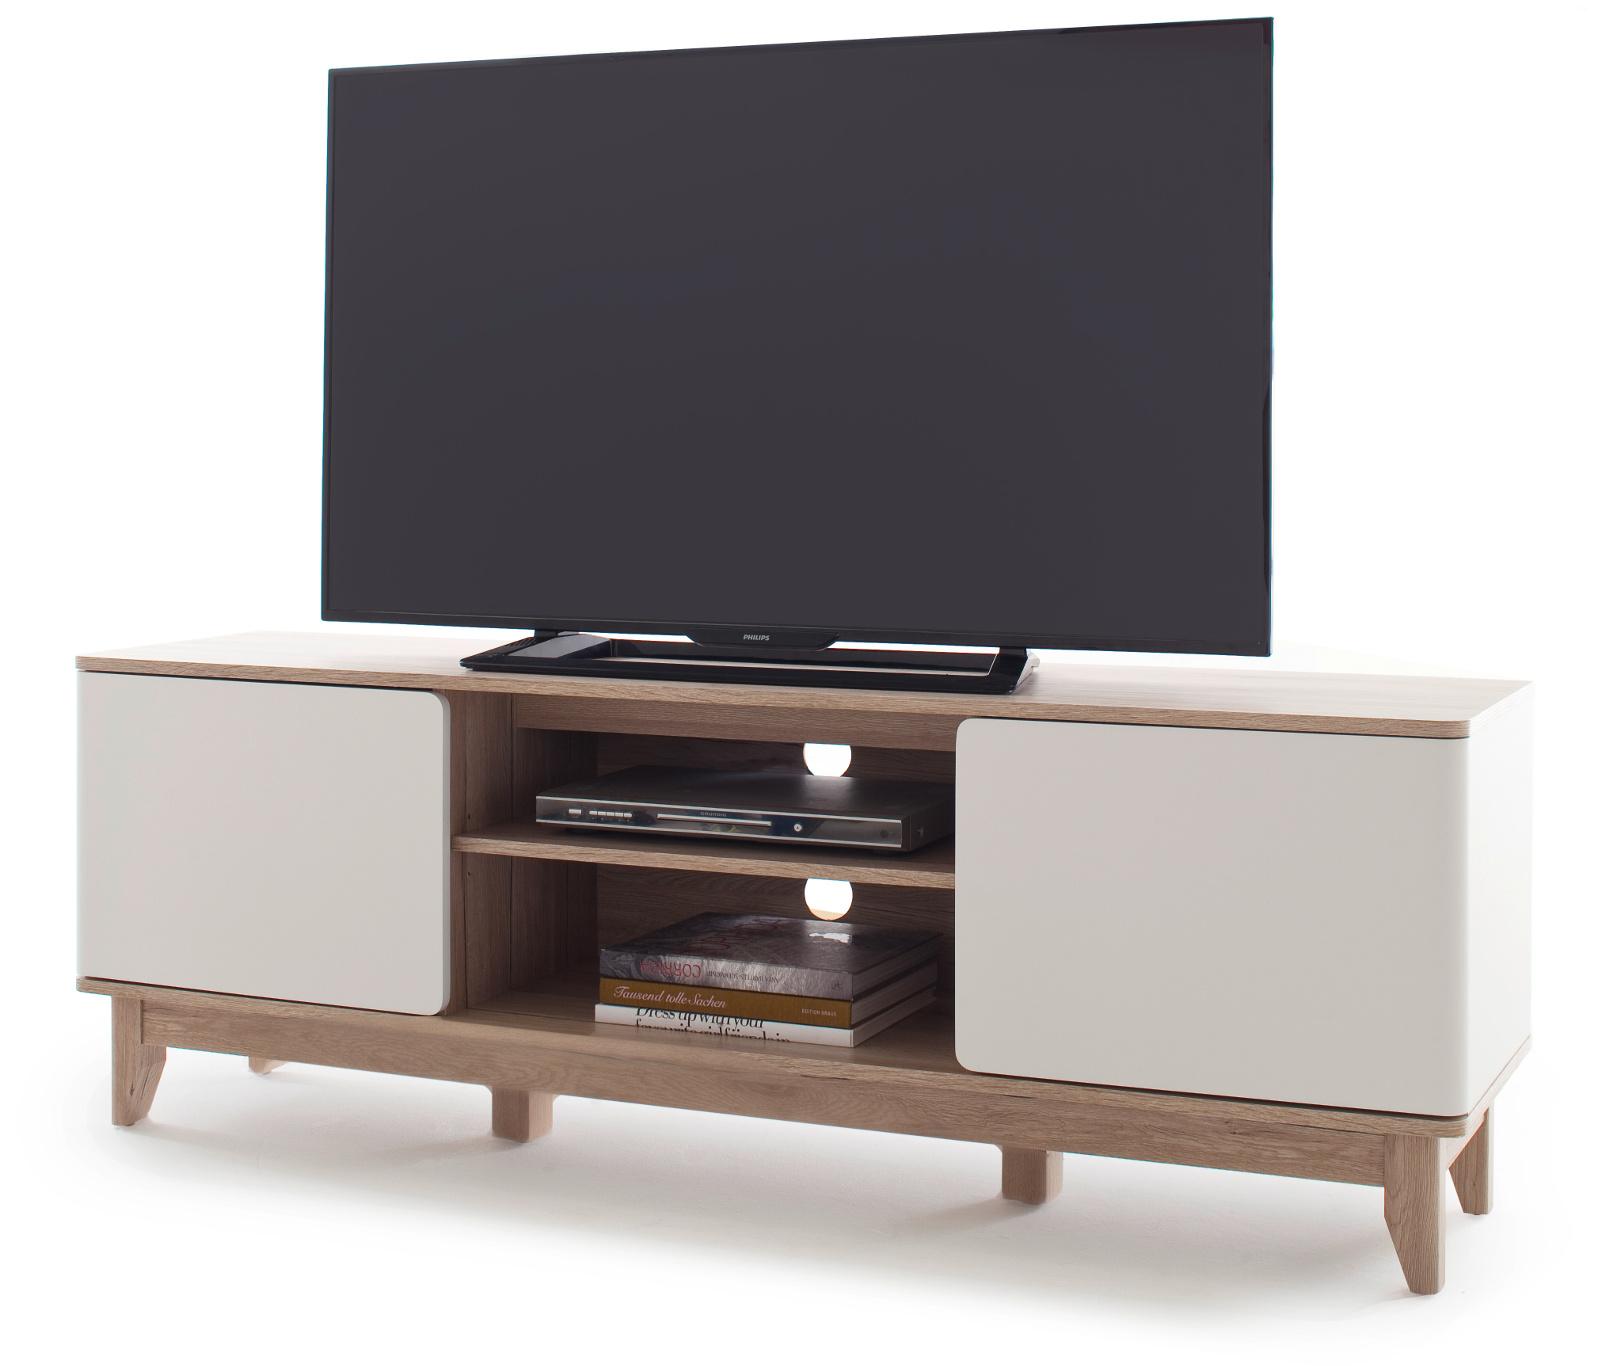 TV-Lowboard Monale weiß matt und Eiche San Remo 160 cm